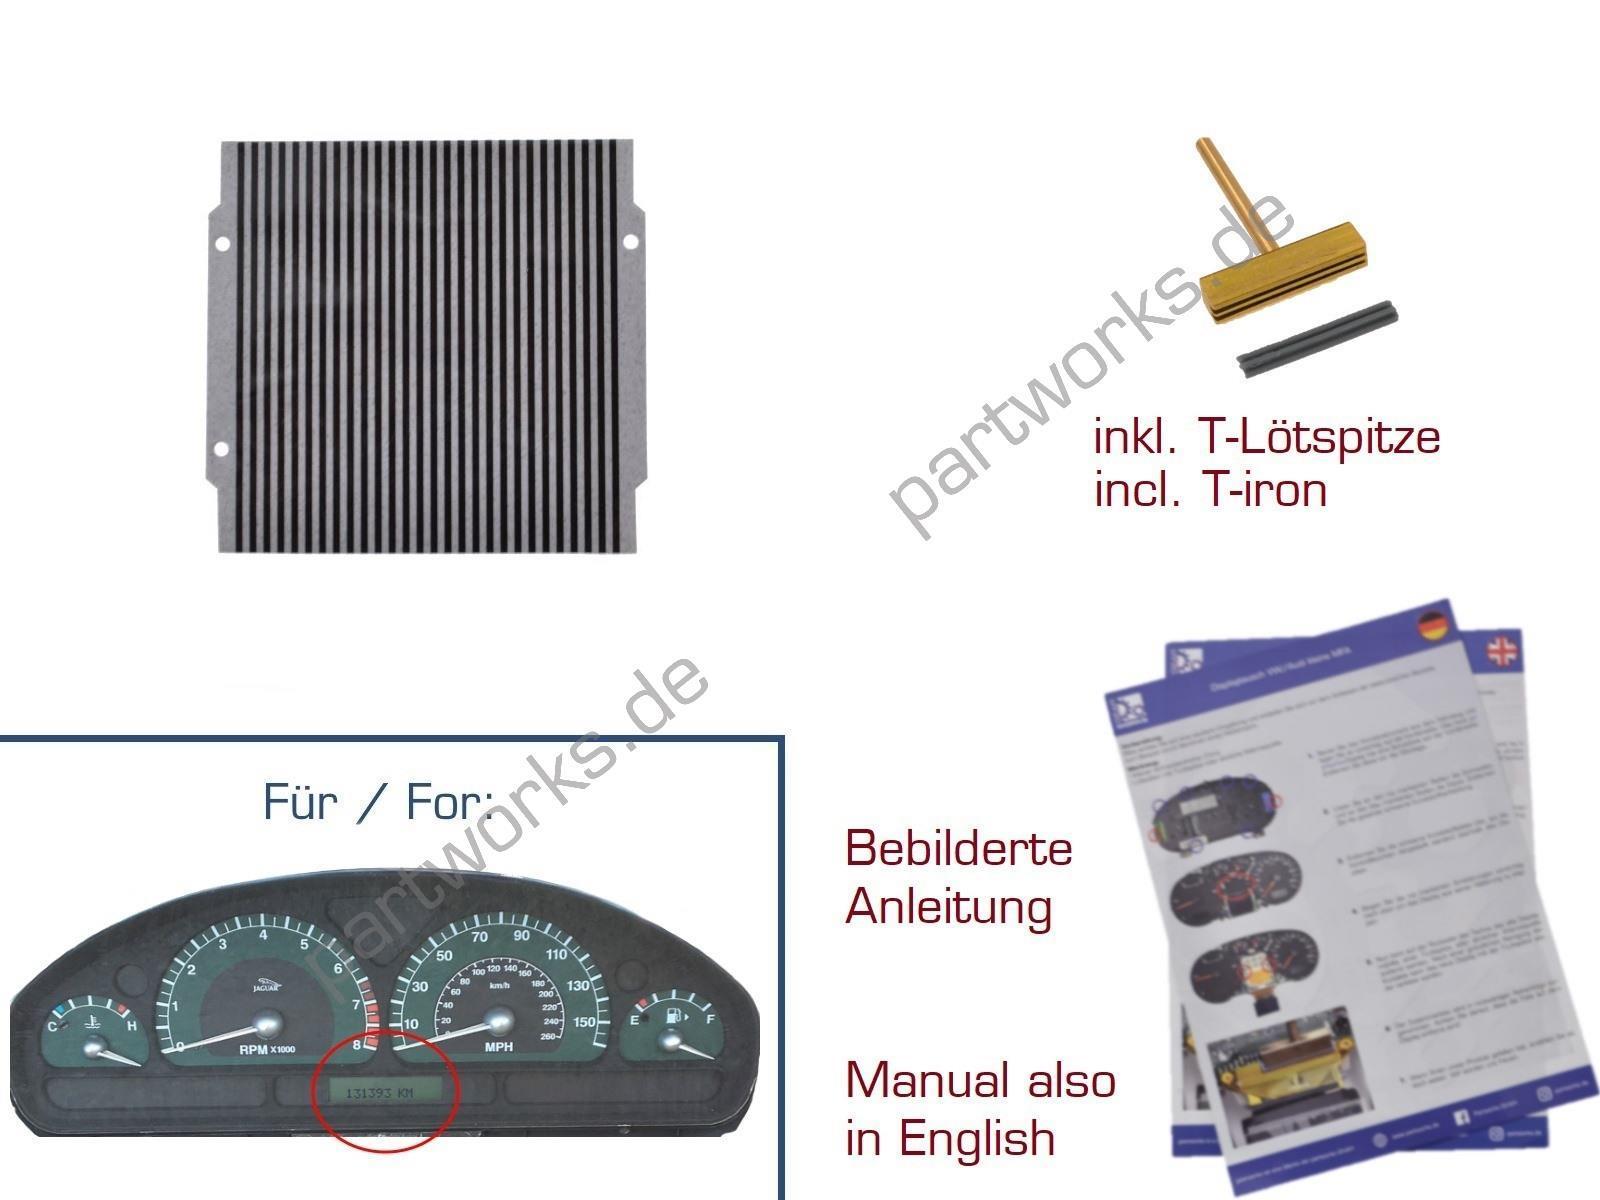 Leiterfolie für Jaguar S-Type bis -'03 Kombiinstrument Display